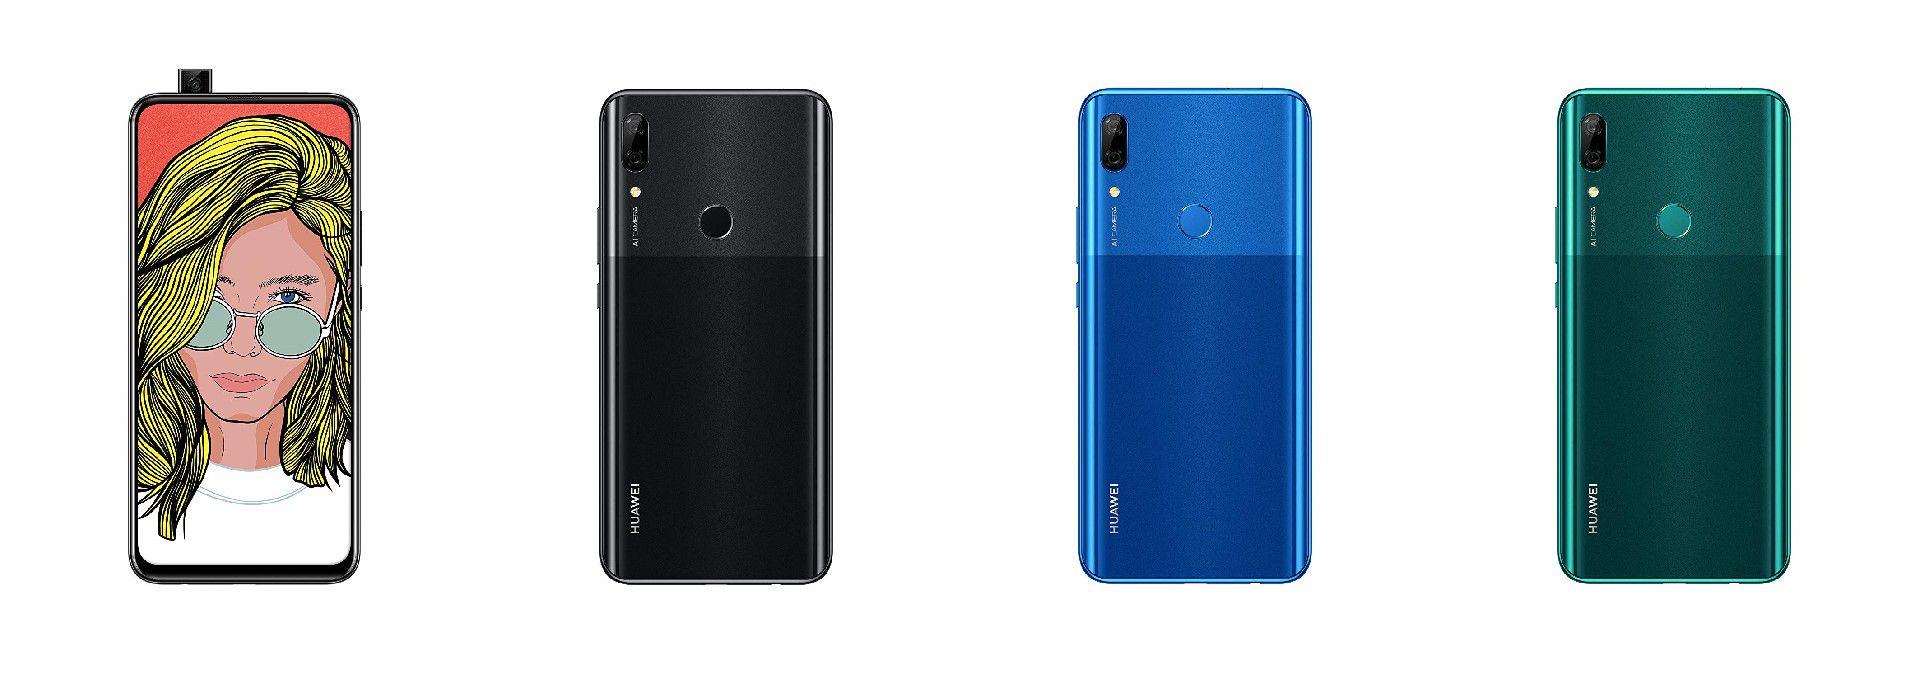 Huawei P Smart Z, lo smartphone con fotocamera pop-up, già disponibile su Amazon (ma non è ancora stato presentato)